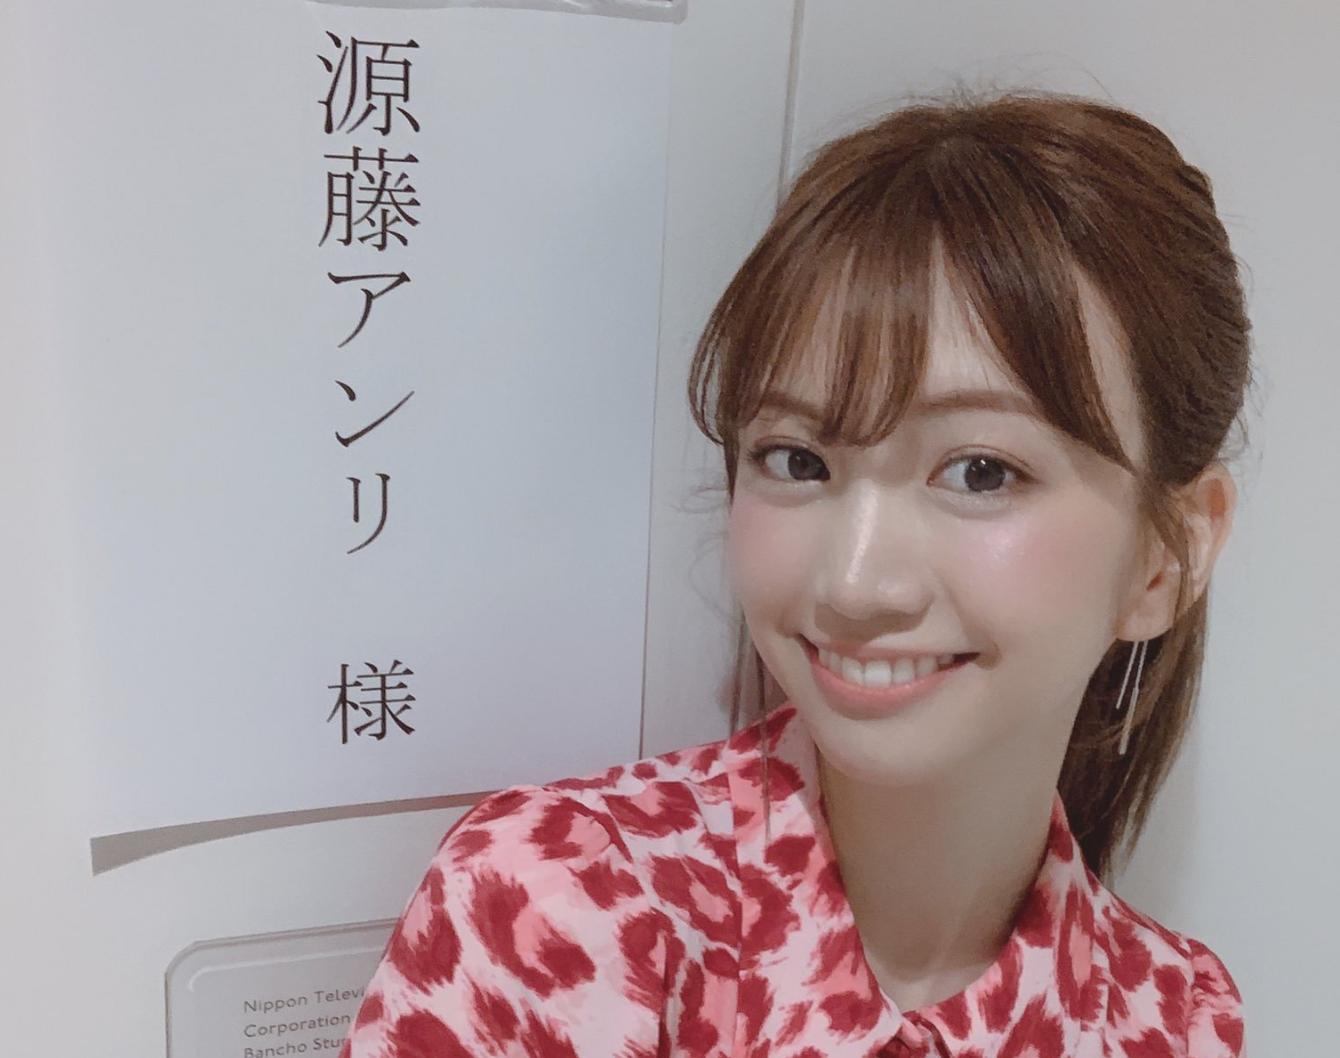 源藤アンリ wiki